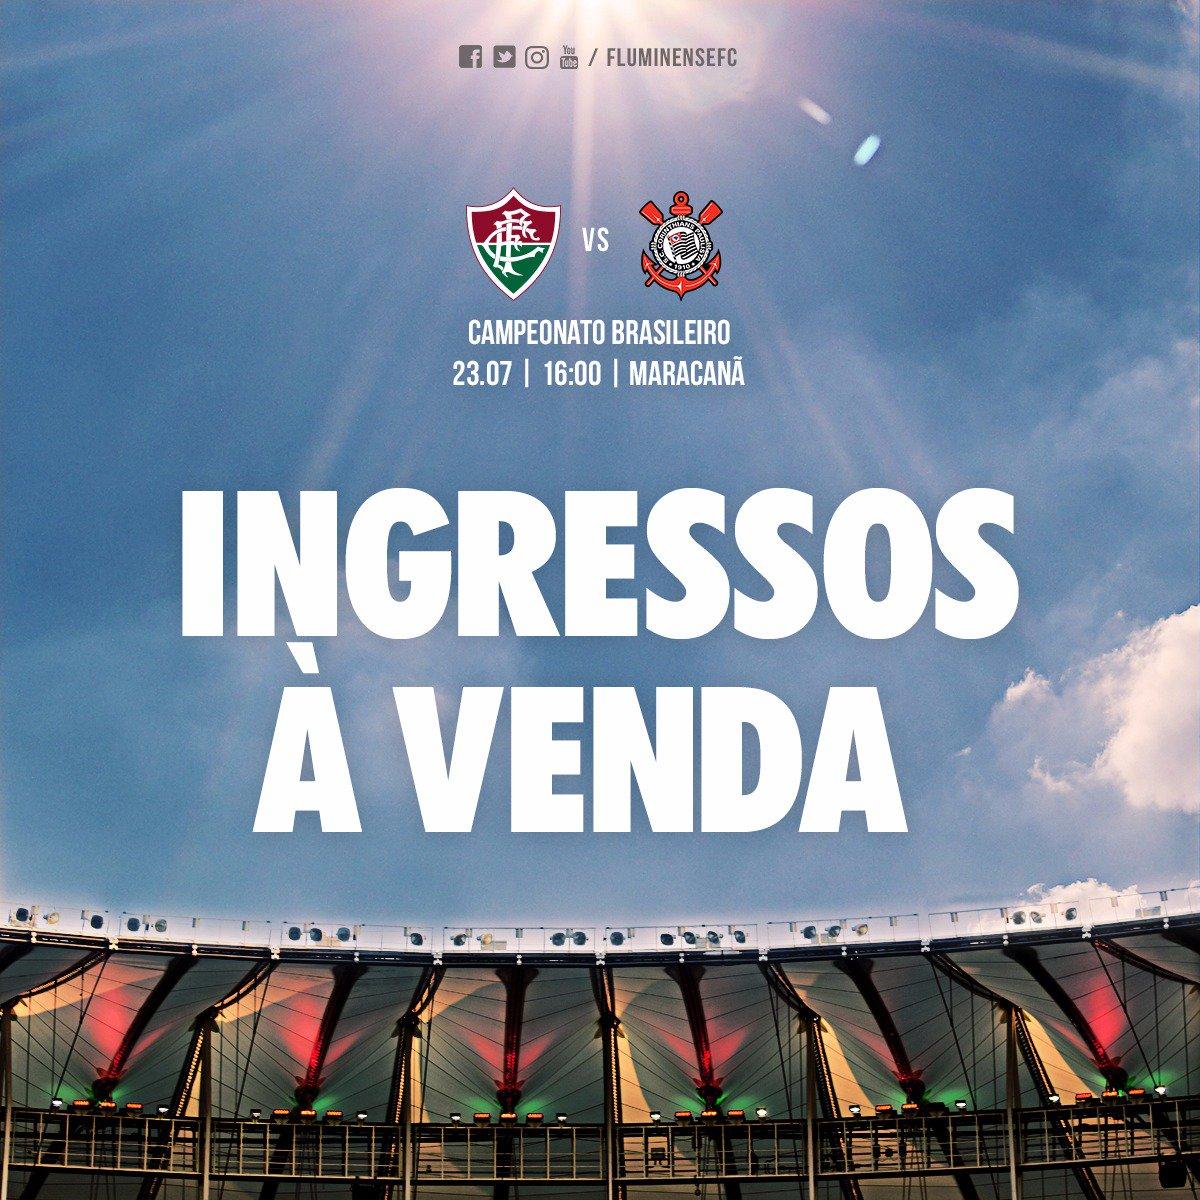 Domingo é dia de lotar o Maracanã. Tem Fluzão, estreia da nova armadura tricolor e promoção de ingresso. Partiu! >> https://t.co/vPGDdVkjll